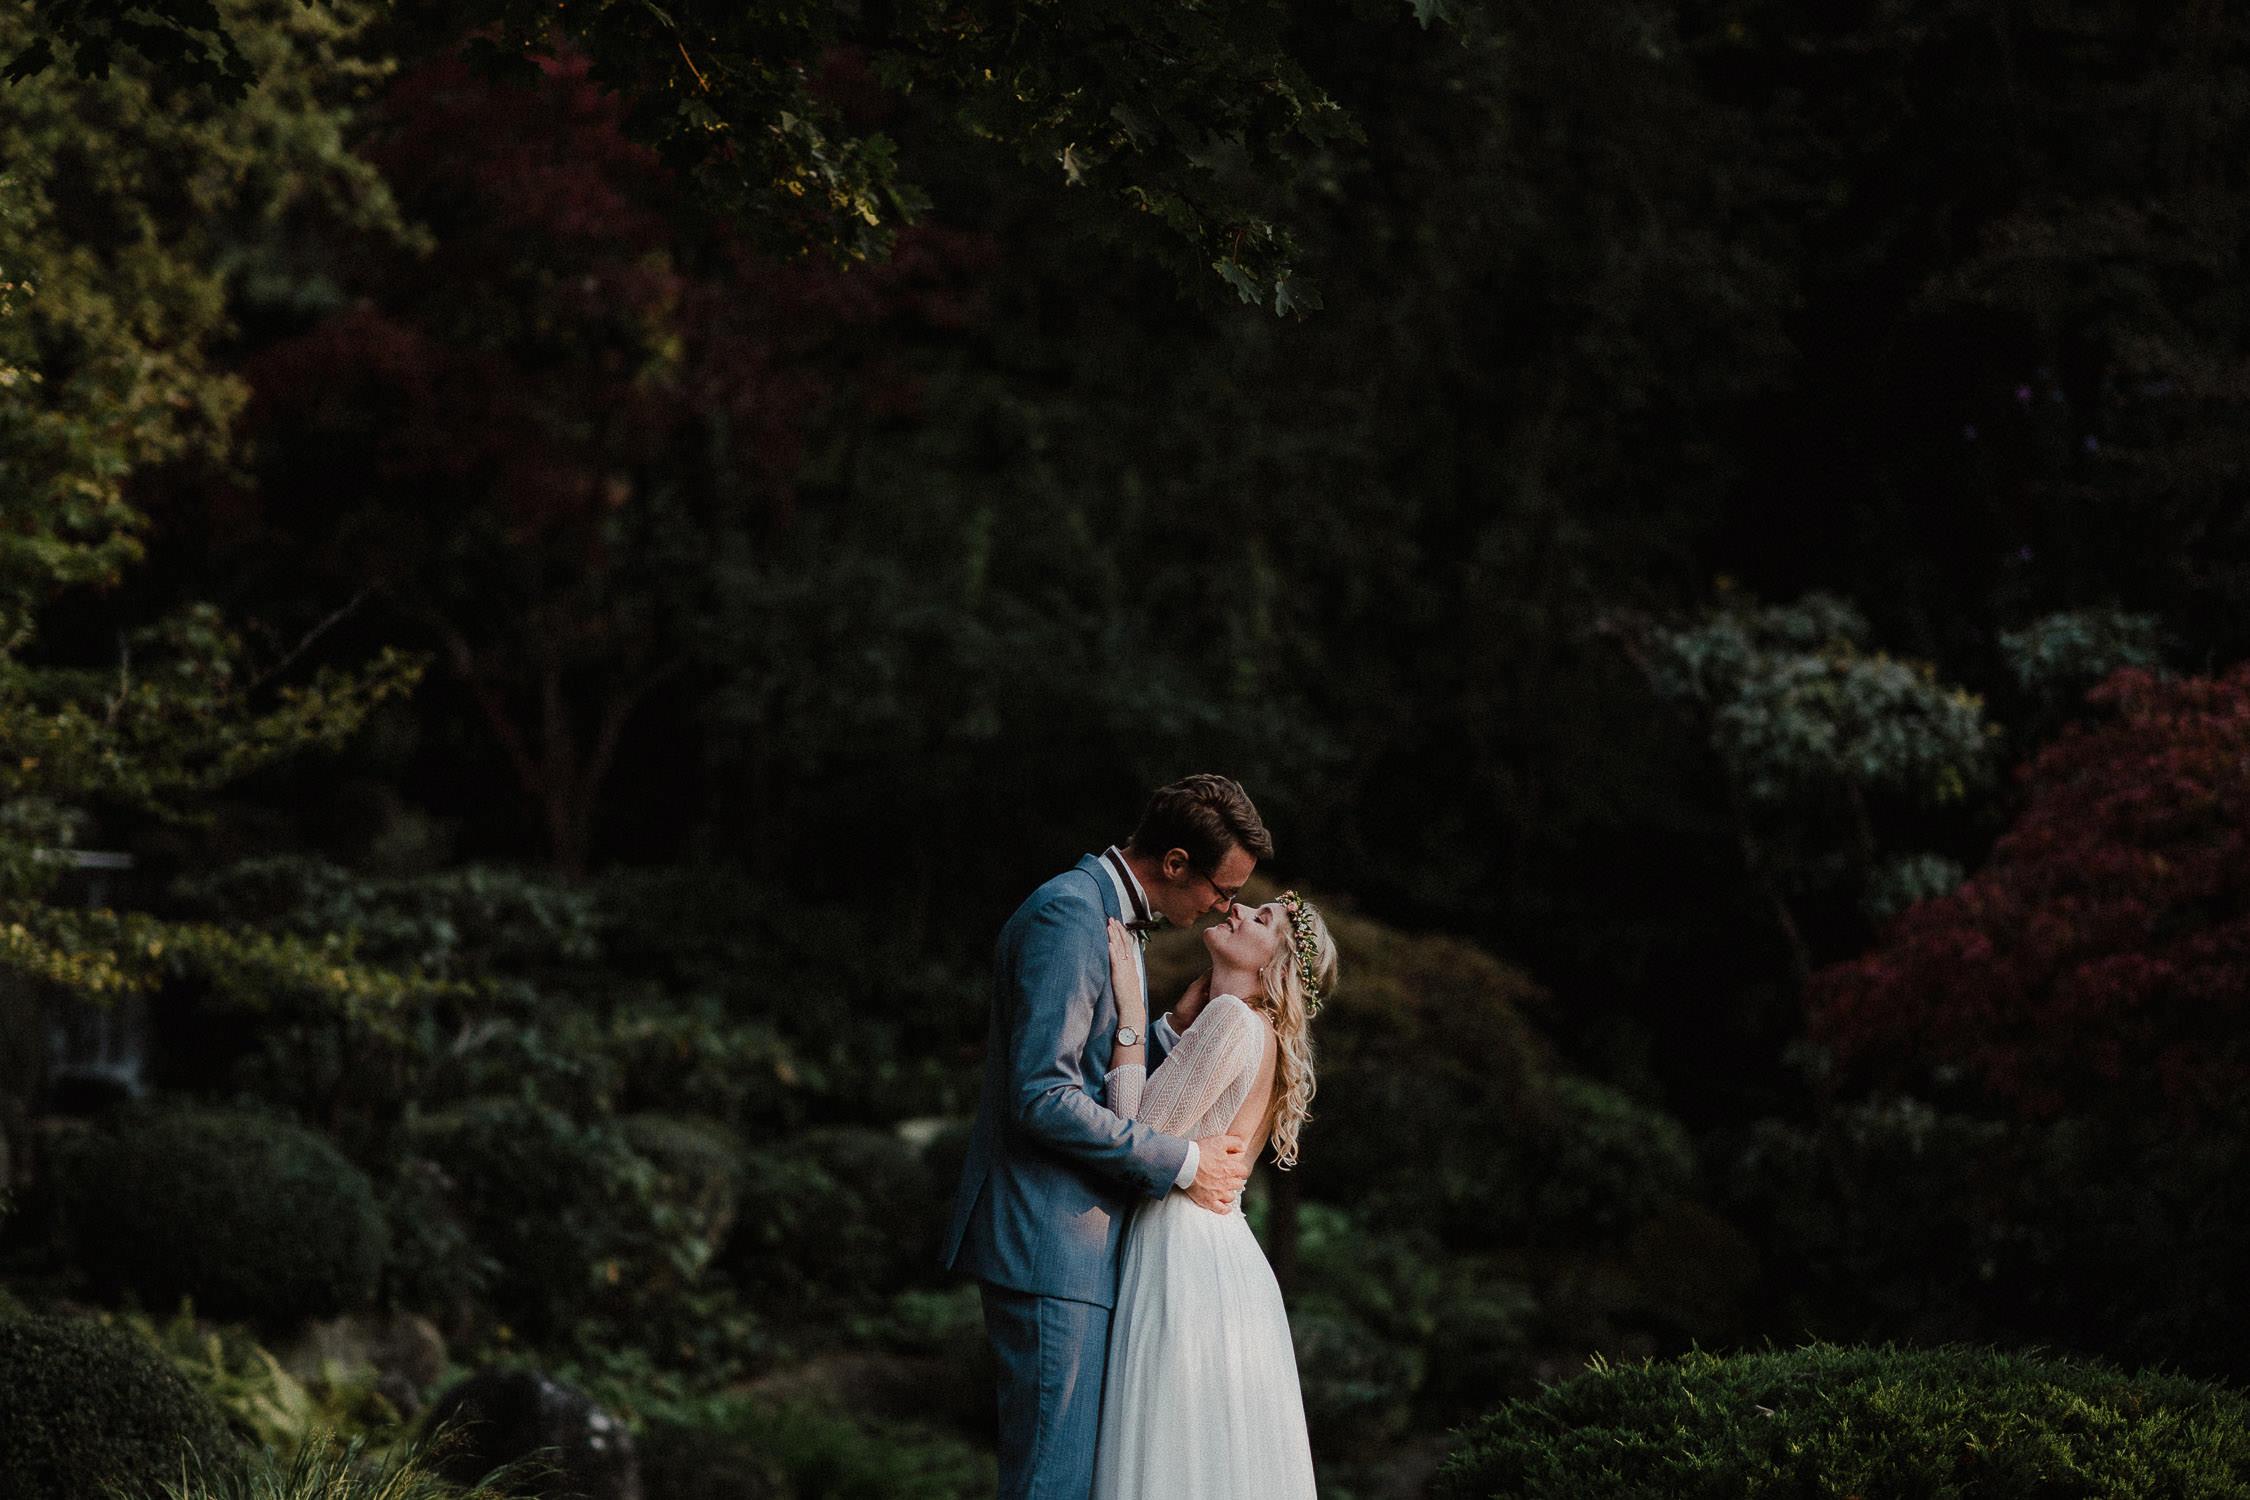 Portrait des Brautpaares in Farbe. Fotografiert von Hochzeitsfotograf Axel Link